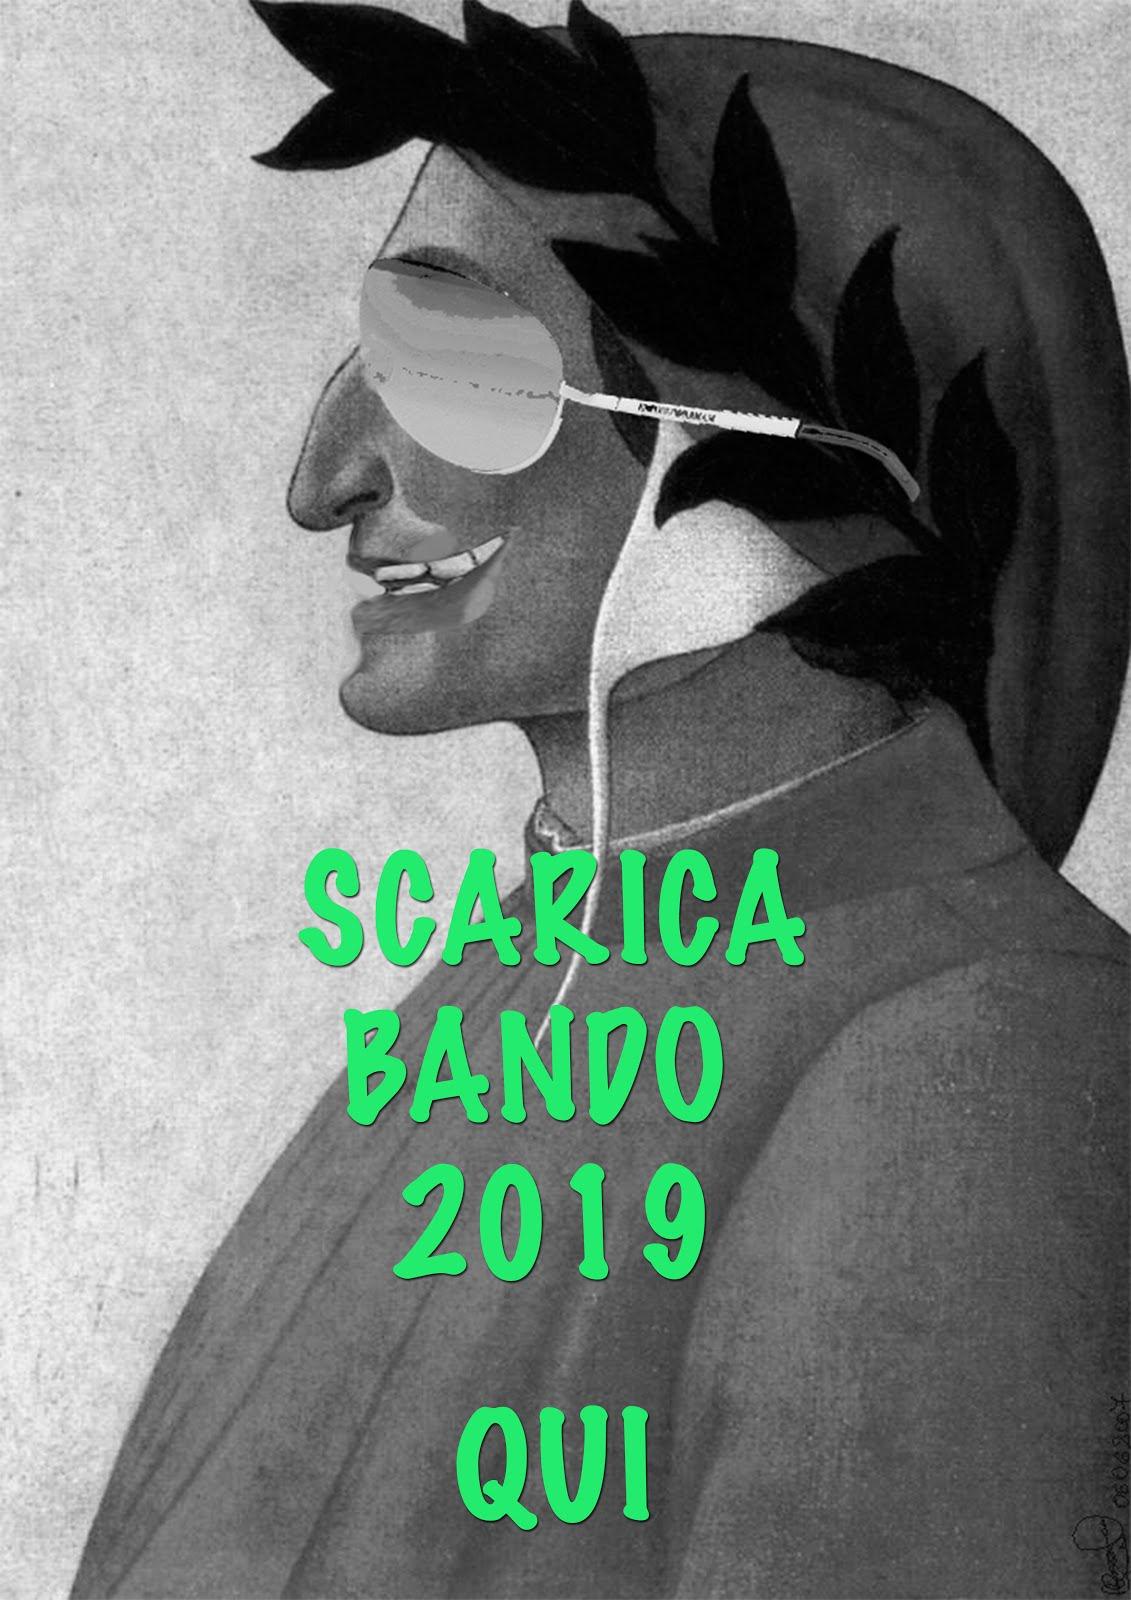 SCARICA IL BANDO IN PDF